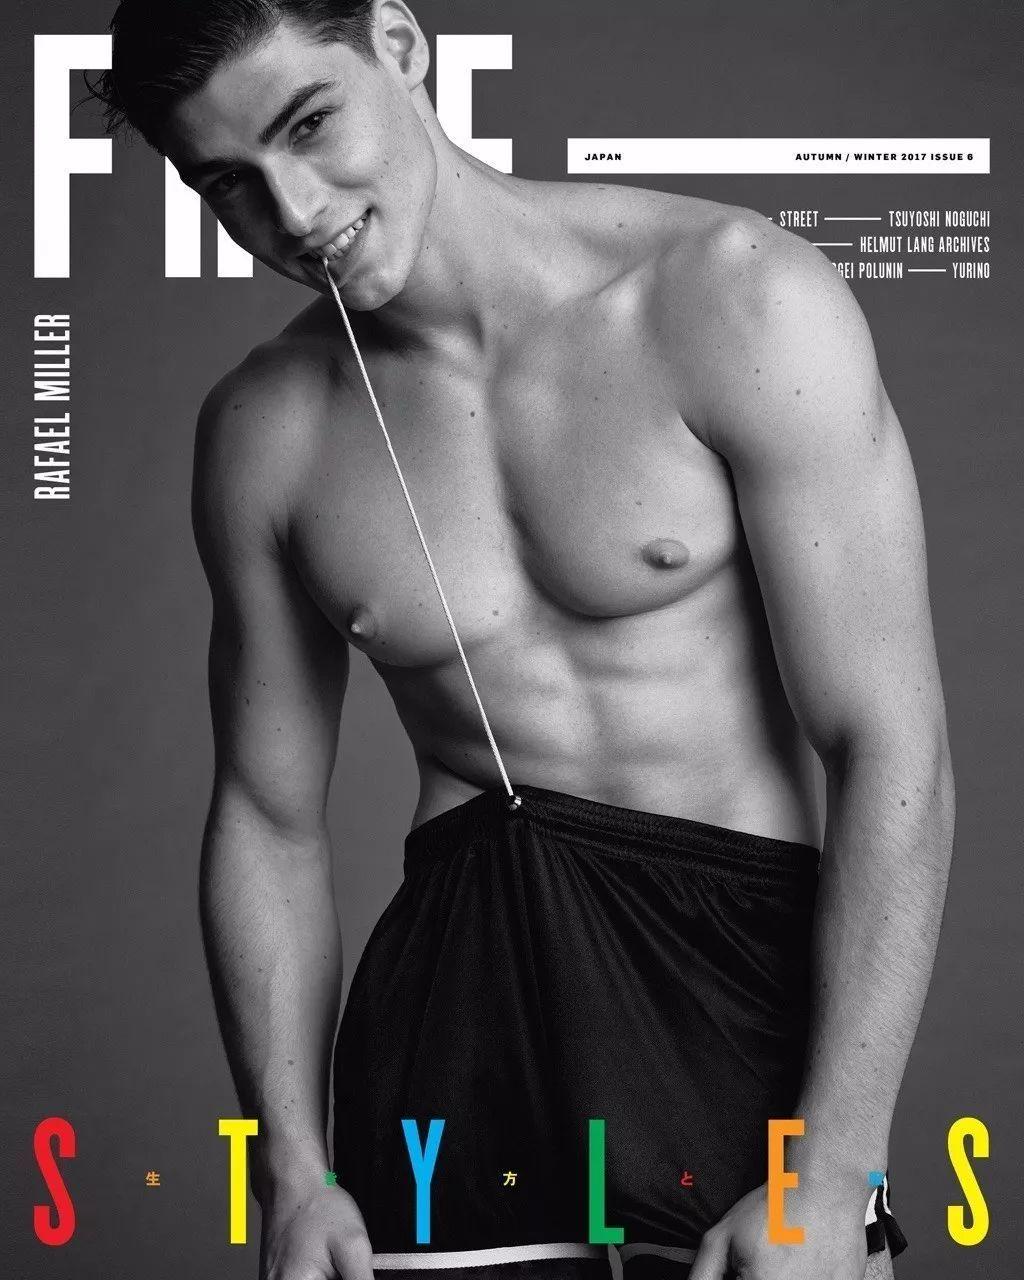 法国网红男模Rafael Miller,甜美就像马卡龙